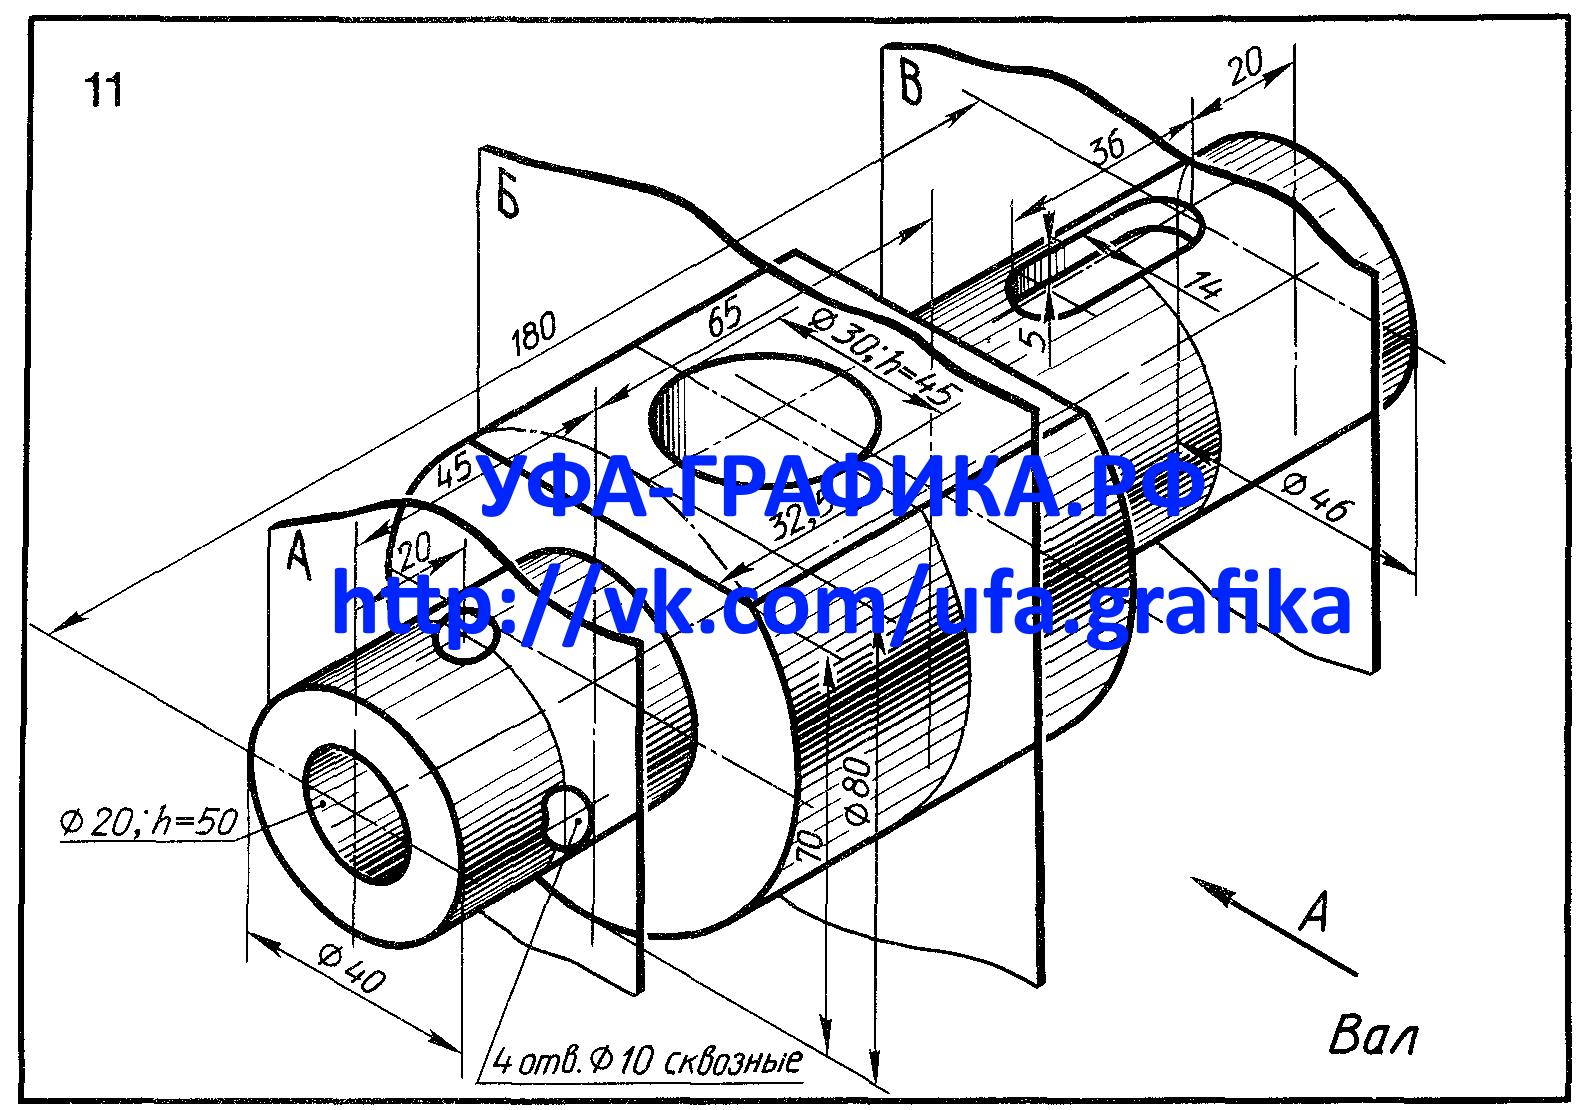 Сечения вала - Вариант 11, чертежи, деталирование, 3Д модели, начертательная геометрия, инженерная графика